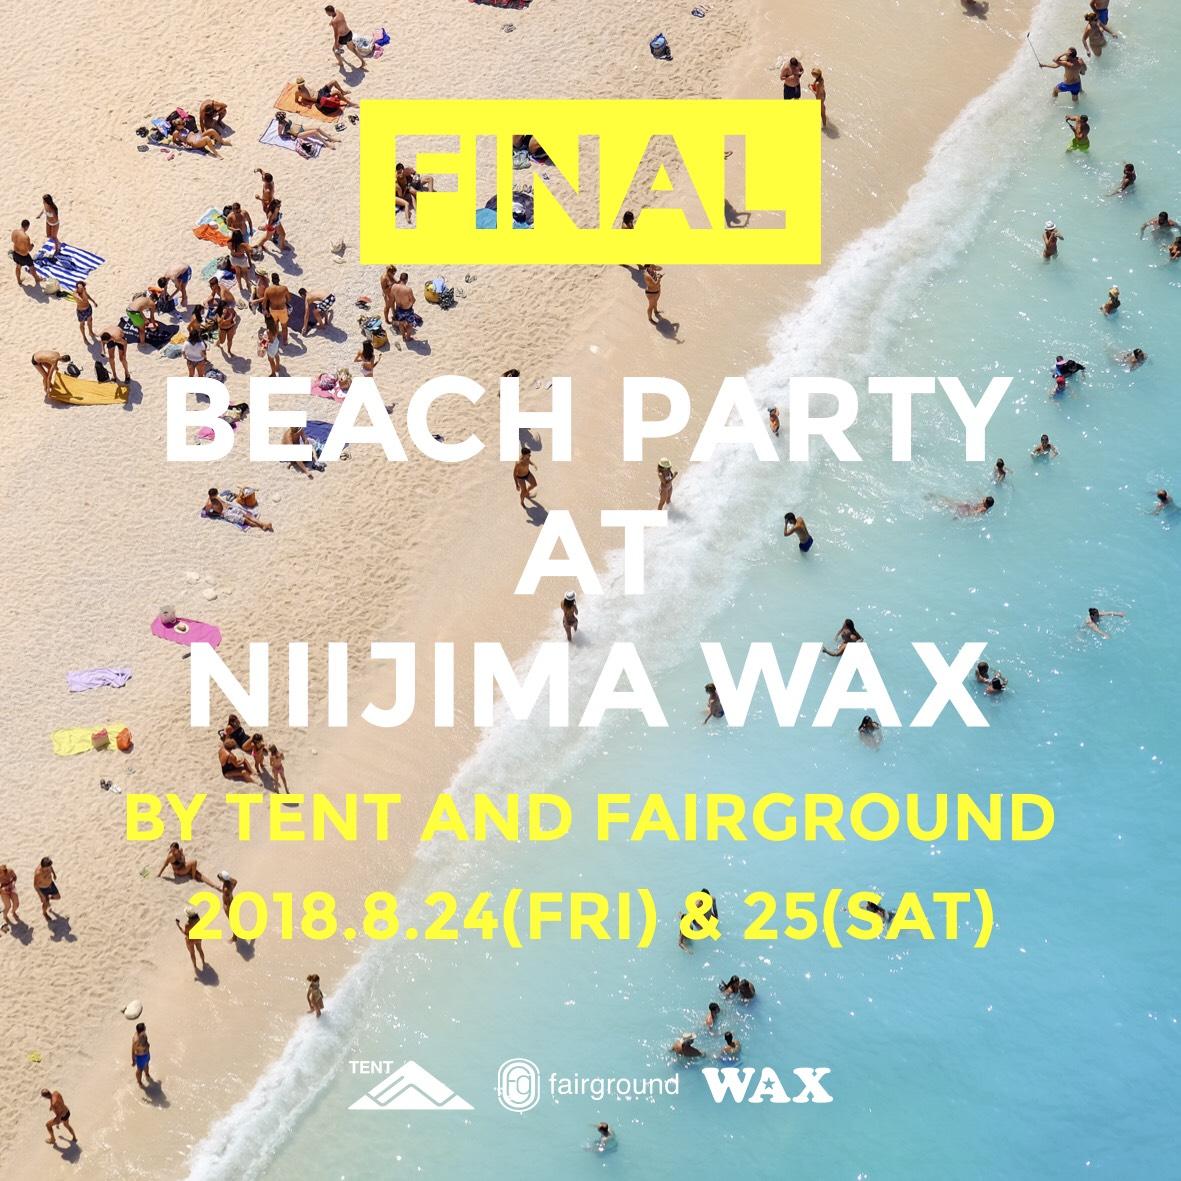 最終回を迎えるビーチパーティー tent x fairground 2018 新島wax 8